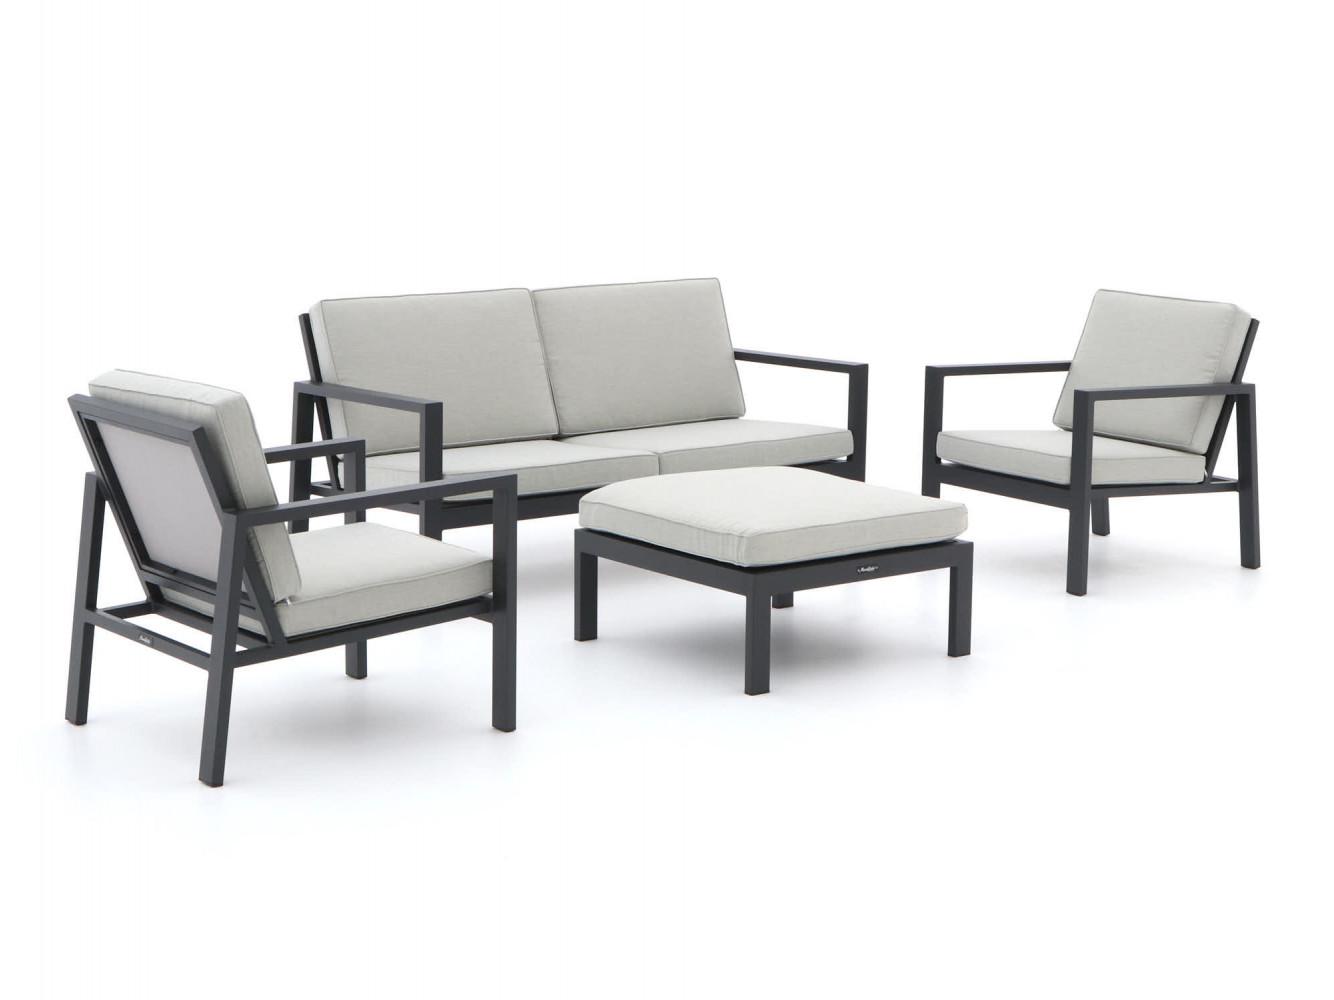 stoel bank loungeset aluminium